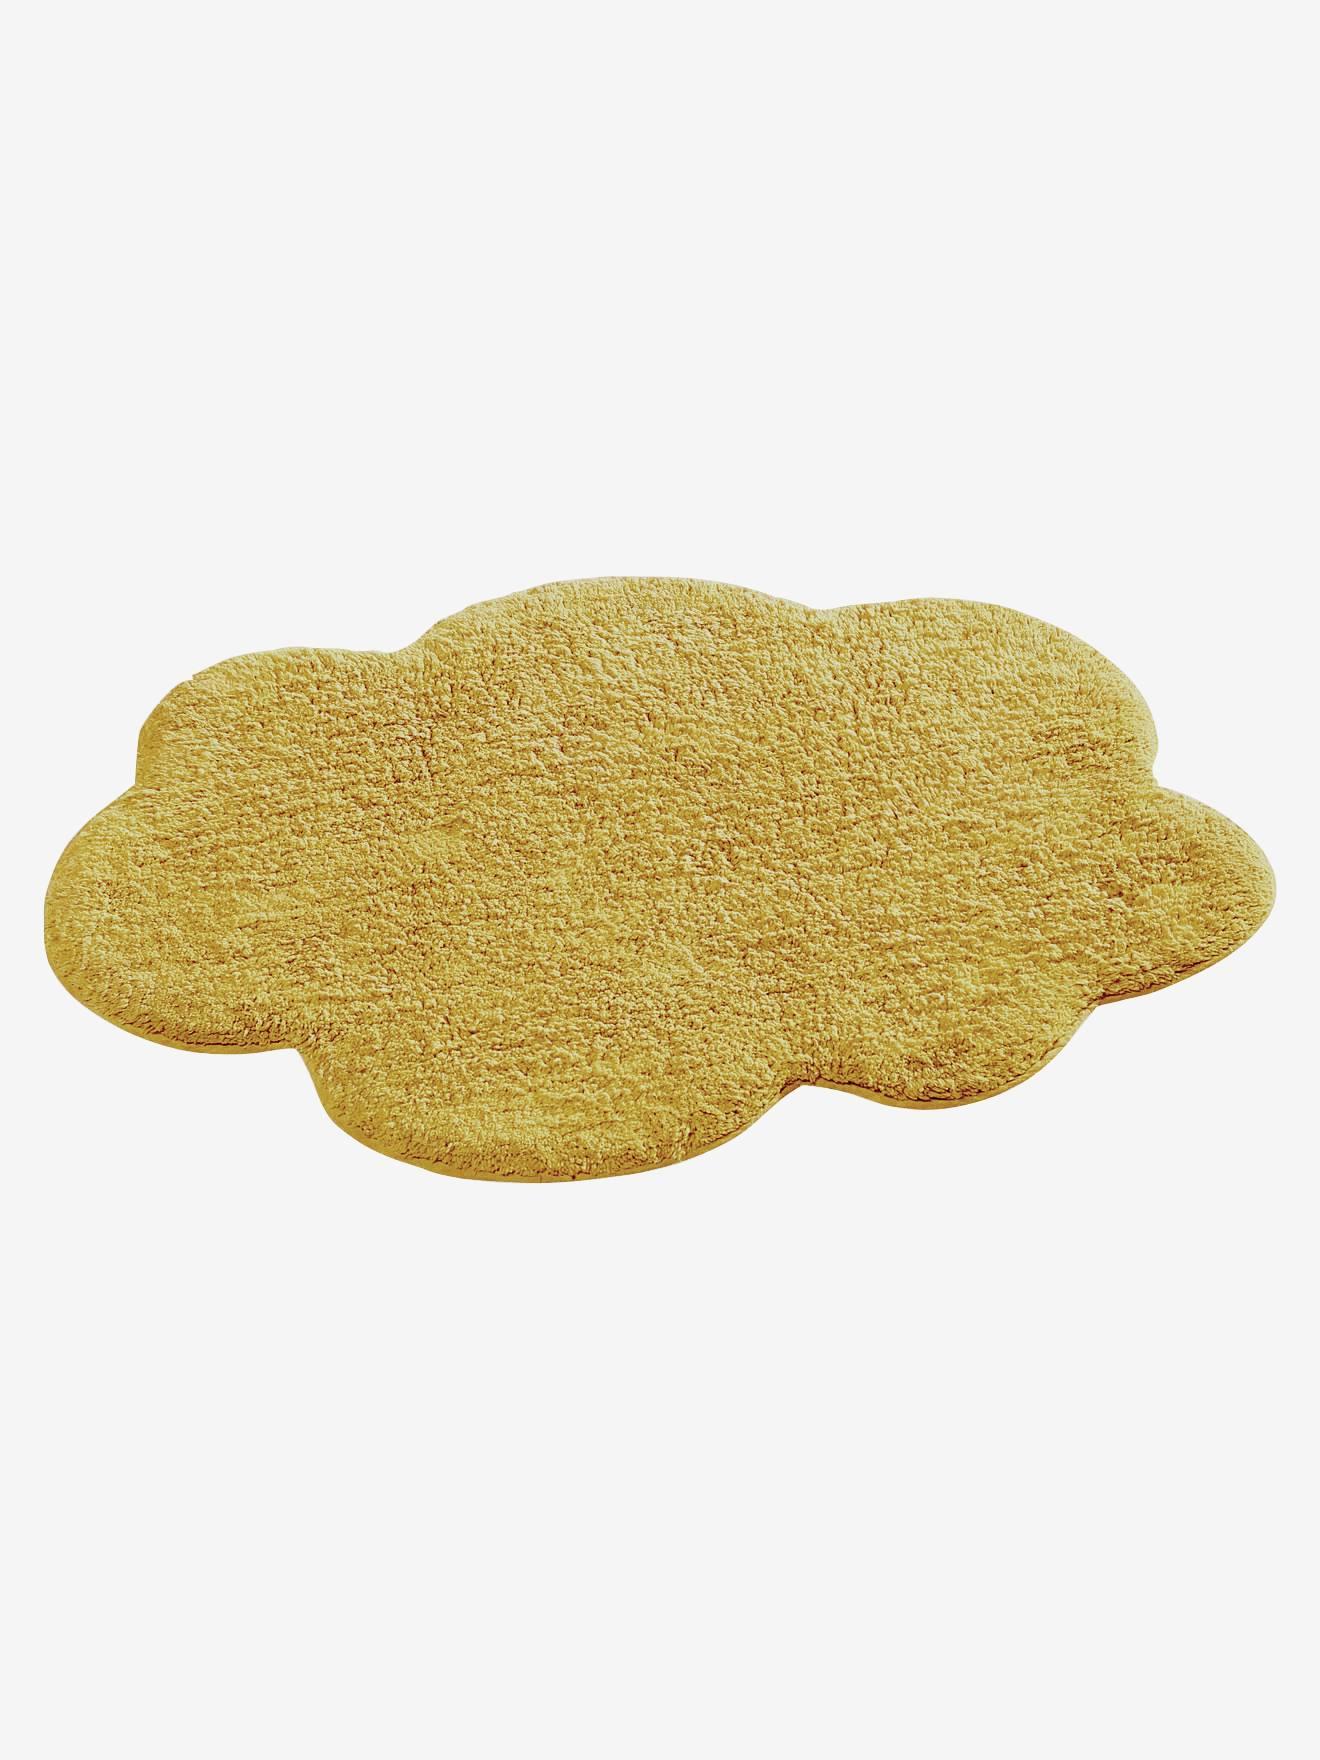 Vertbaudet Kinderzimmer-Teppich grafisches Muster senfgelb Bedruckt ONE Size